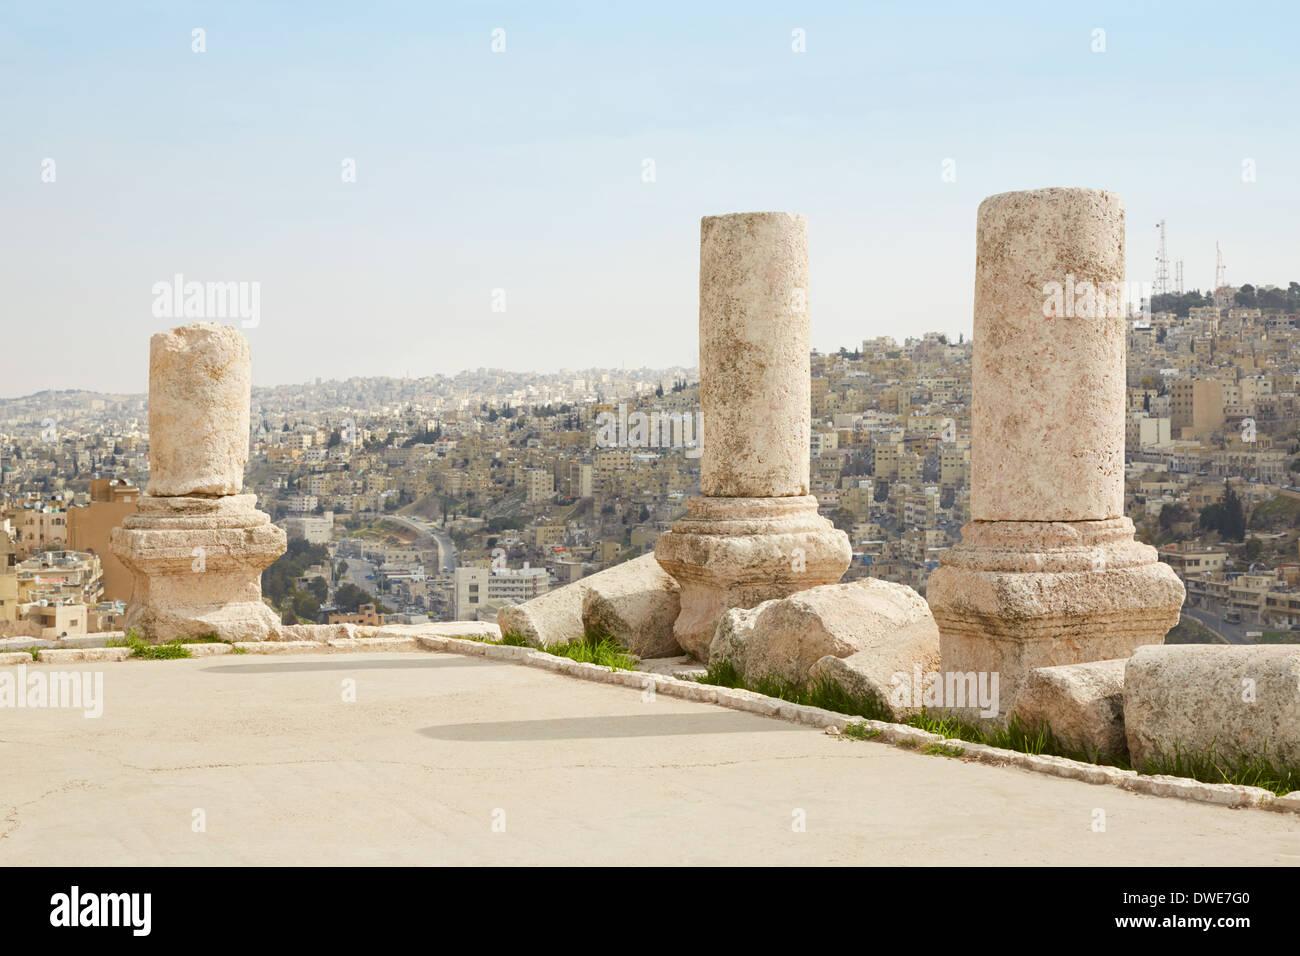 Colonne sulla cittadella di Amman, Giordania, vista città Immagini Stock